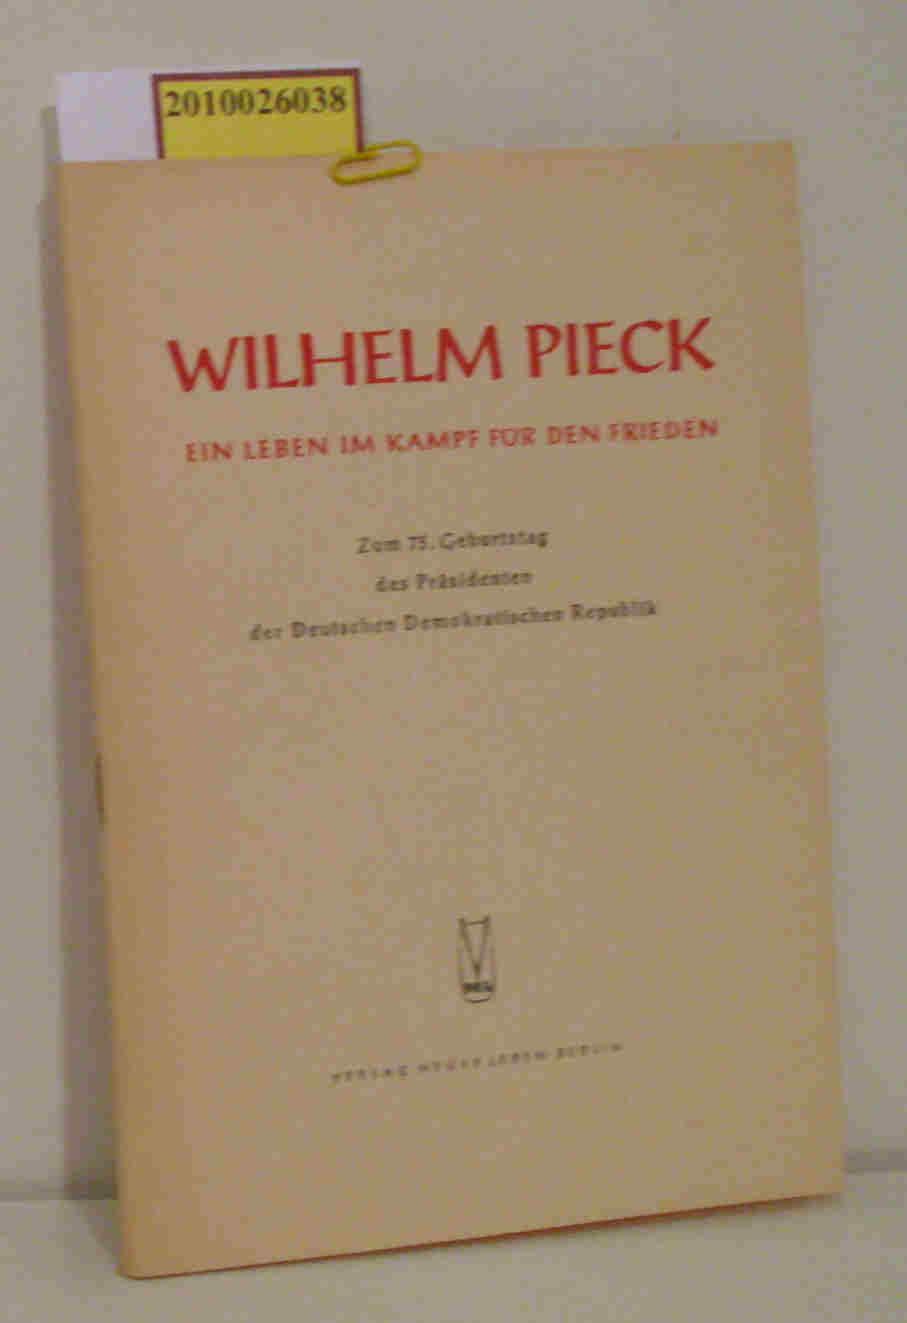 Wilhelm Pieck -  Ein Leben im Kampf für den Frieden Zentralrat der FDJ Hrsg.